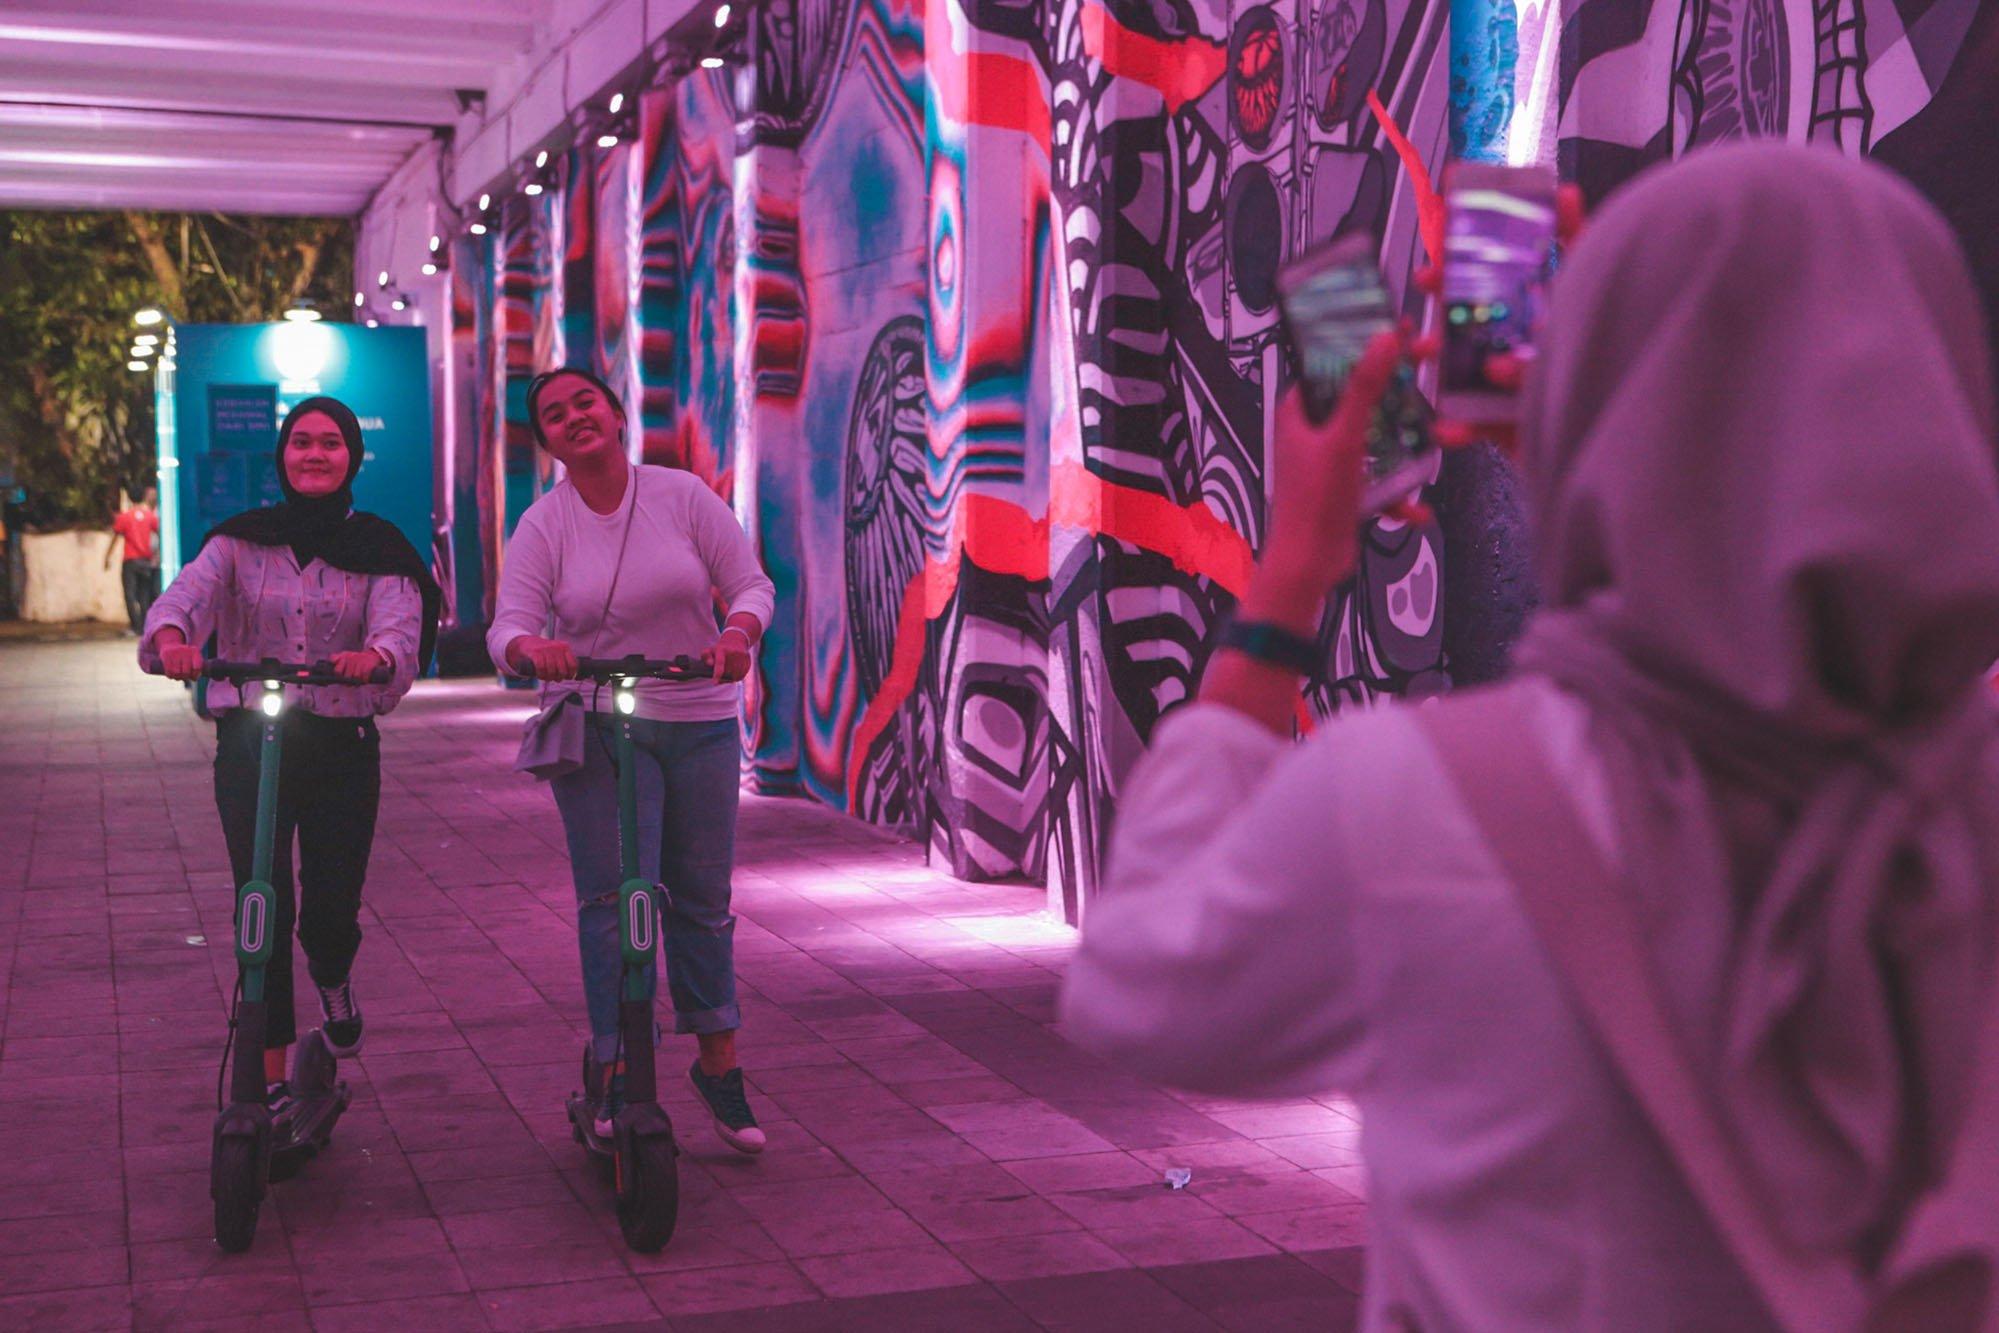 Sejumlah pengguna Grab Wheels di daerah Sudirman, Jakarta (09/11/2019). Perusahaan Grab Indonesia meluncurkan GrabWheels, sebuah layanan skuter listrik untuk mobilitas jarak dekat sejak Mei 2019 lalu. Kini, kehadiran GrabWheels semakin dikenal dan penggunaannya pun semakin banyak terlihat di jalanan.\r\n